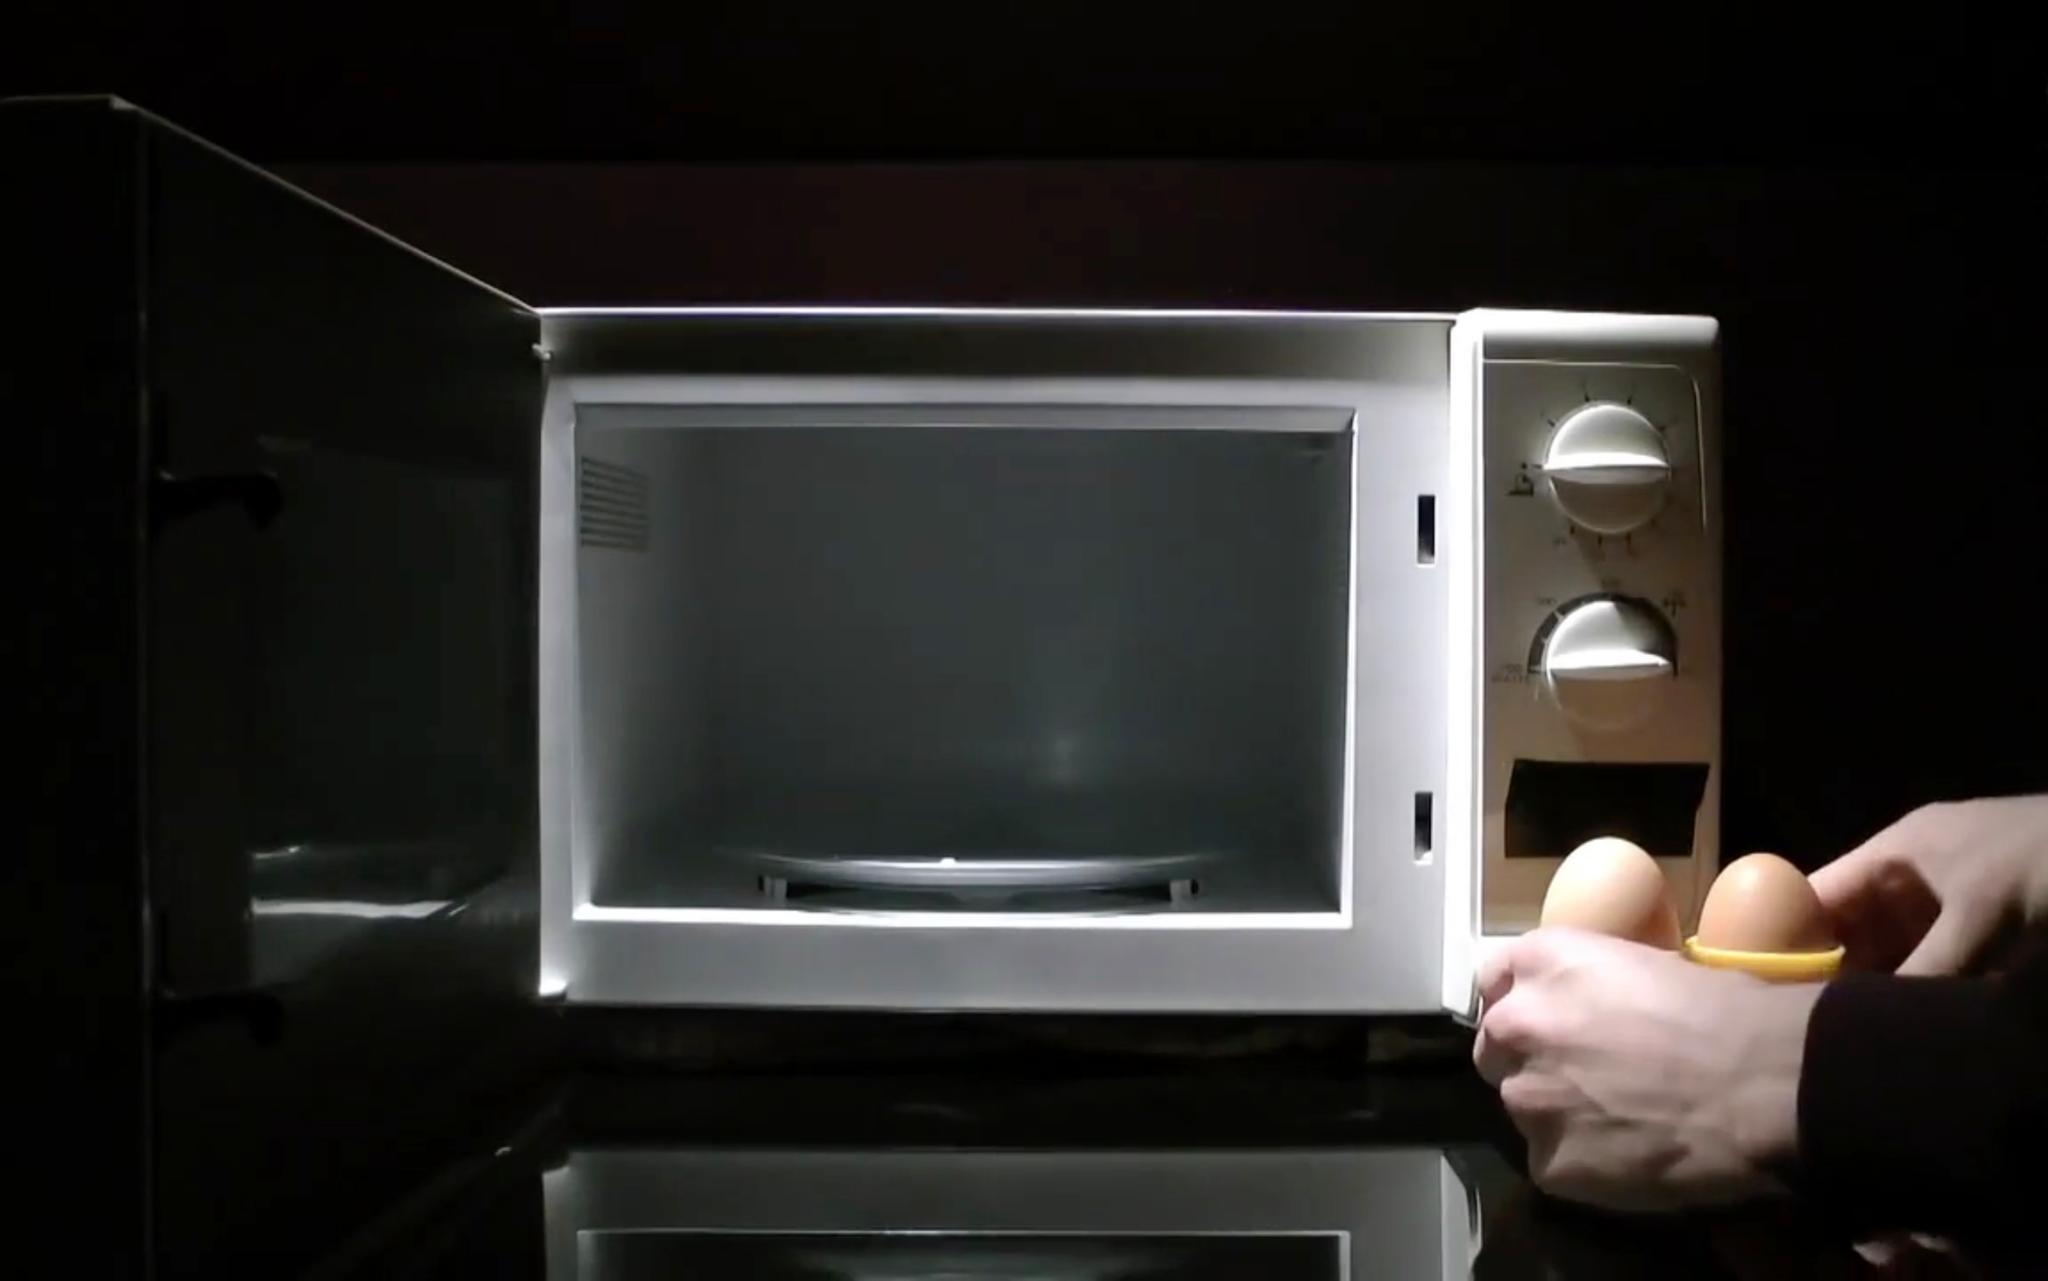 Explosionsgefahr Warum Hartgekochte Eier Beim Auwärmen In Der